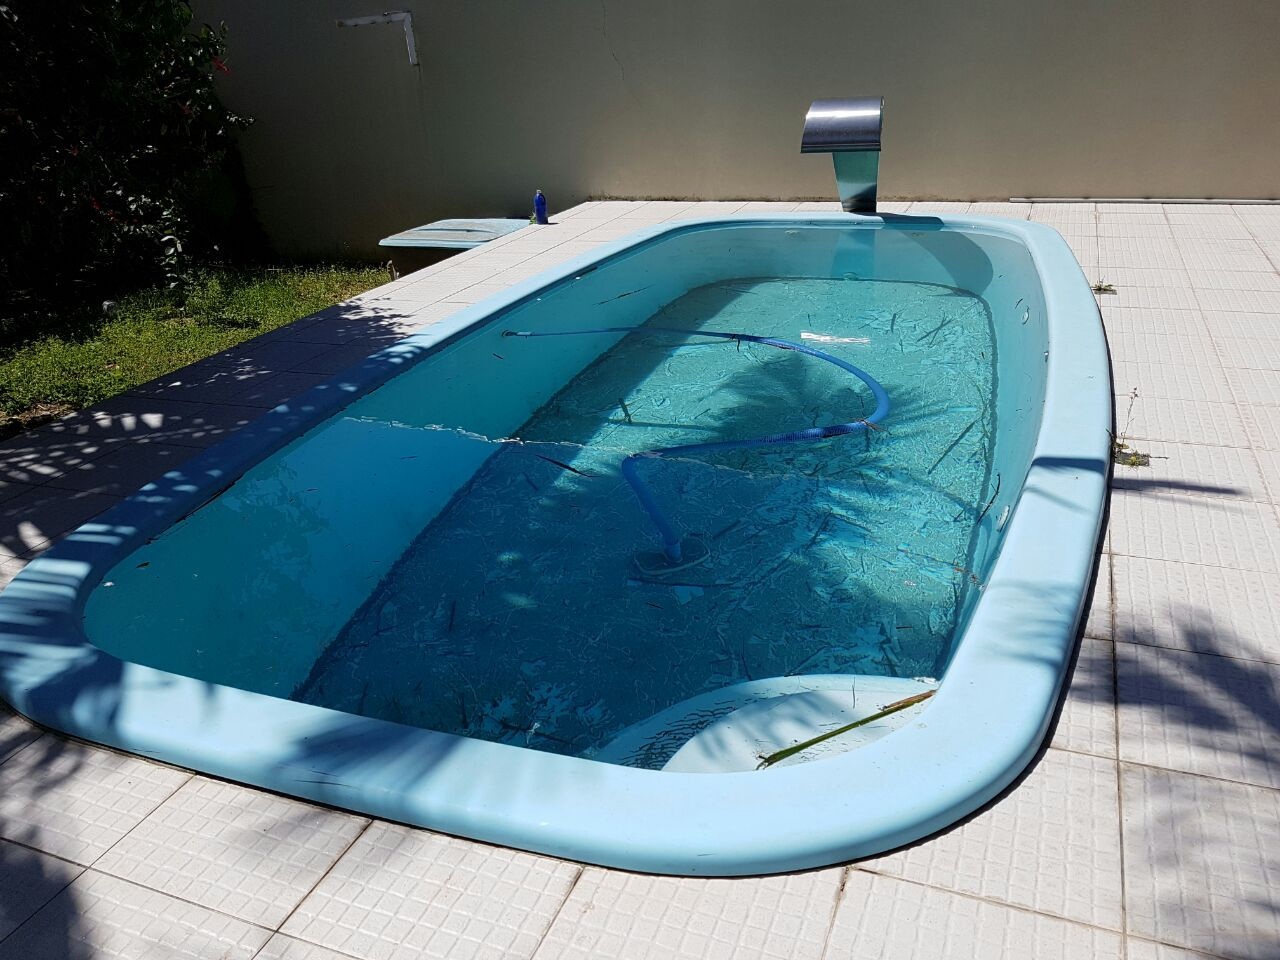 Piscina online acompanhamento da piscina do teste mplus e m20 for Piscine online